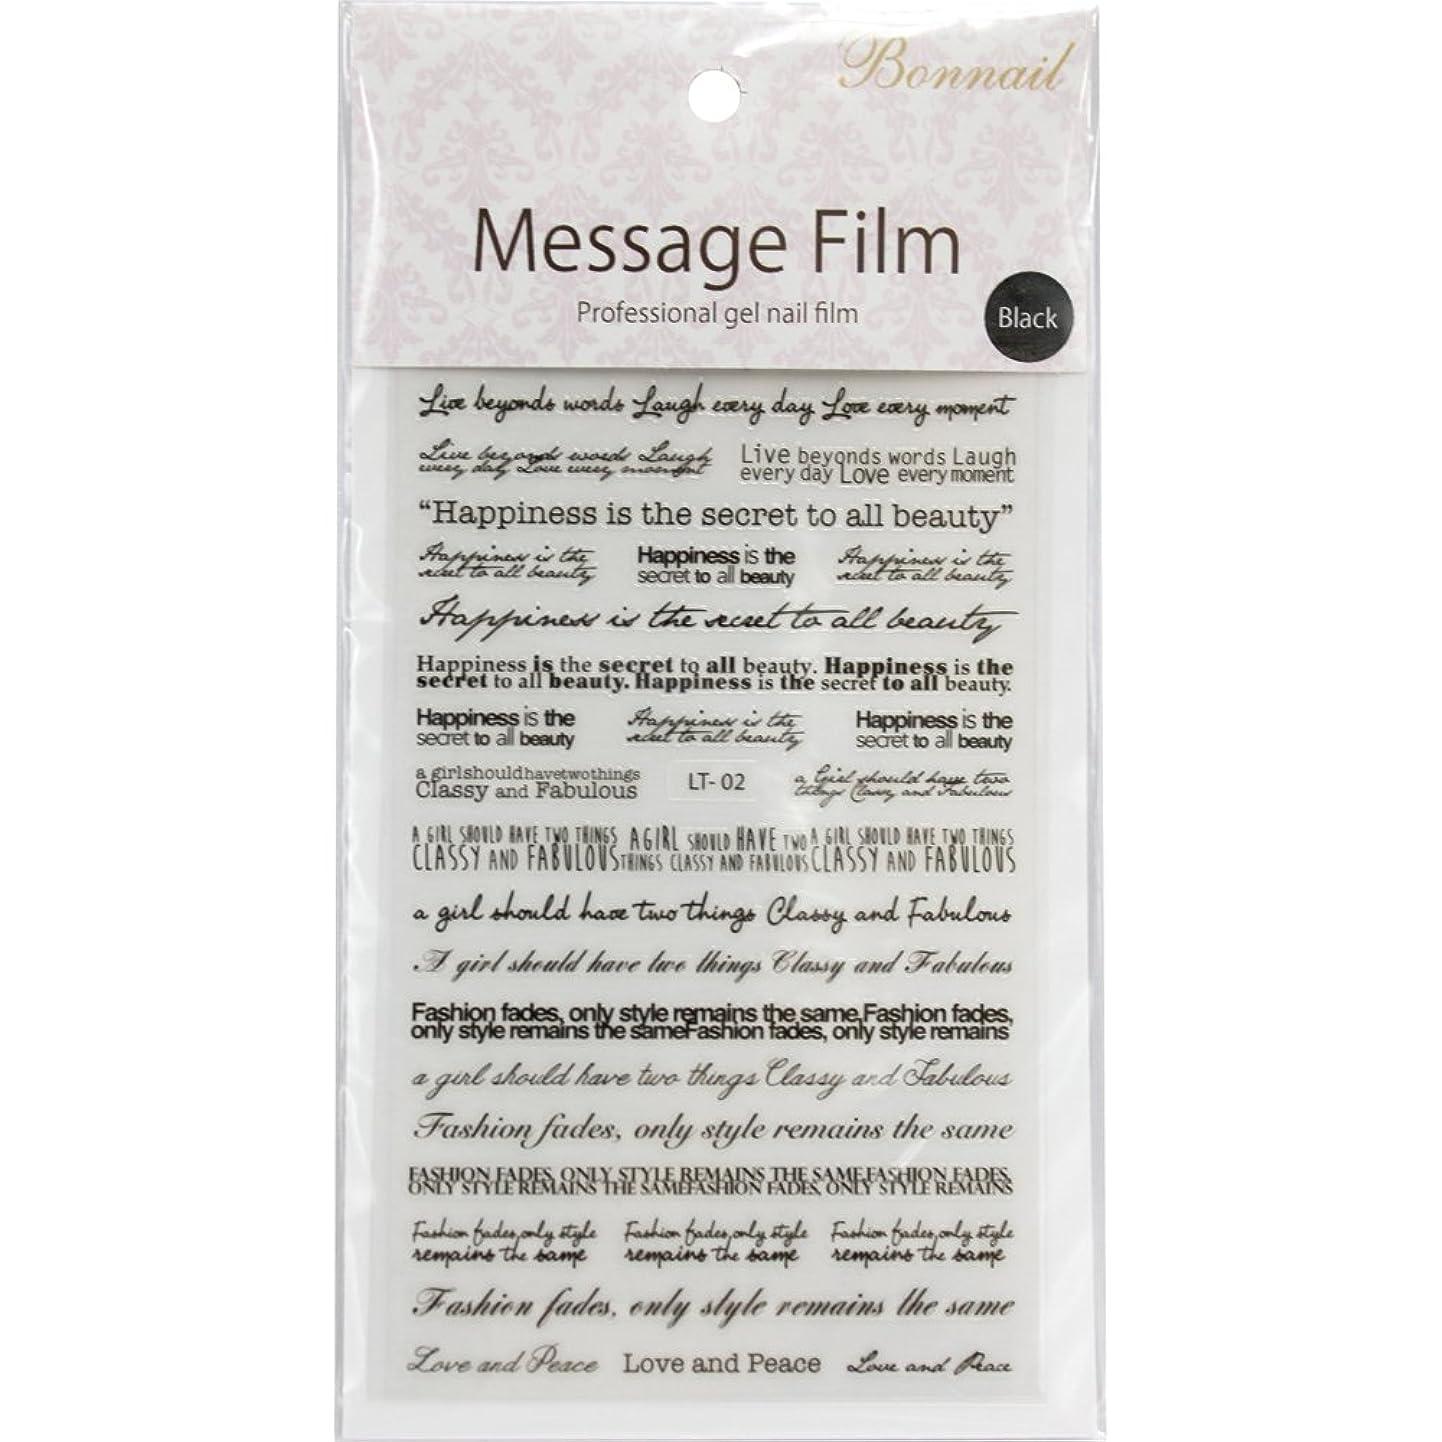 縮約特別な縮約Bonnail  メッセージフィルム ブラック